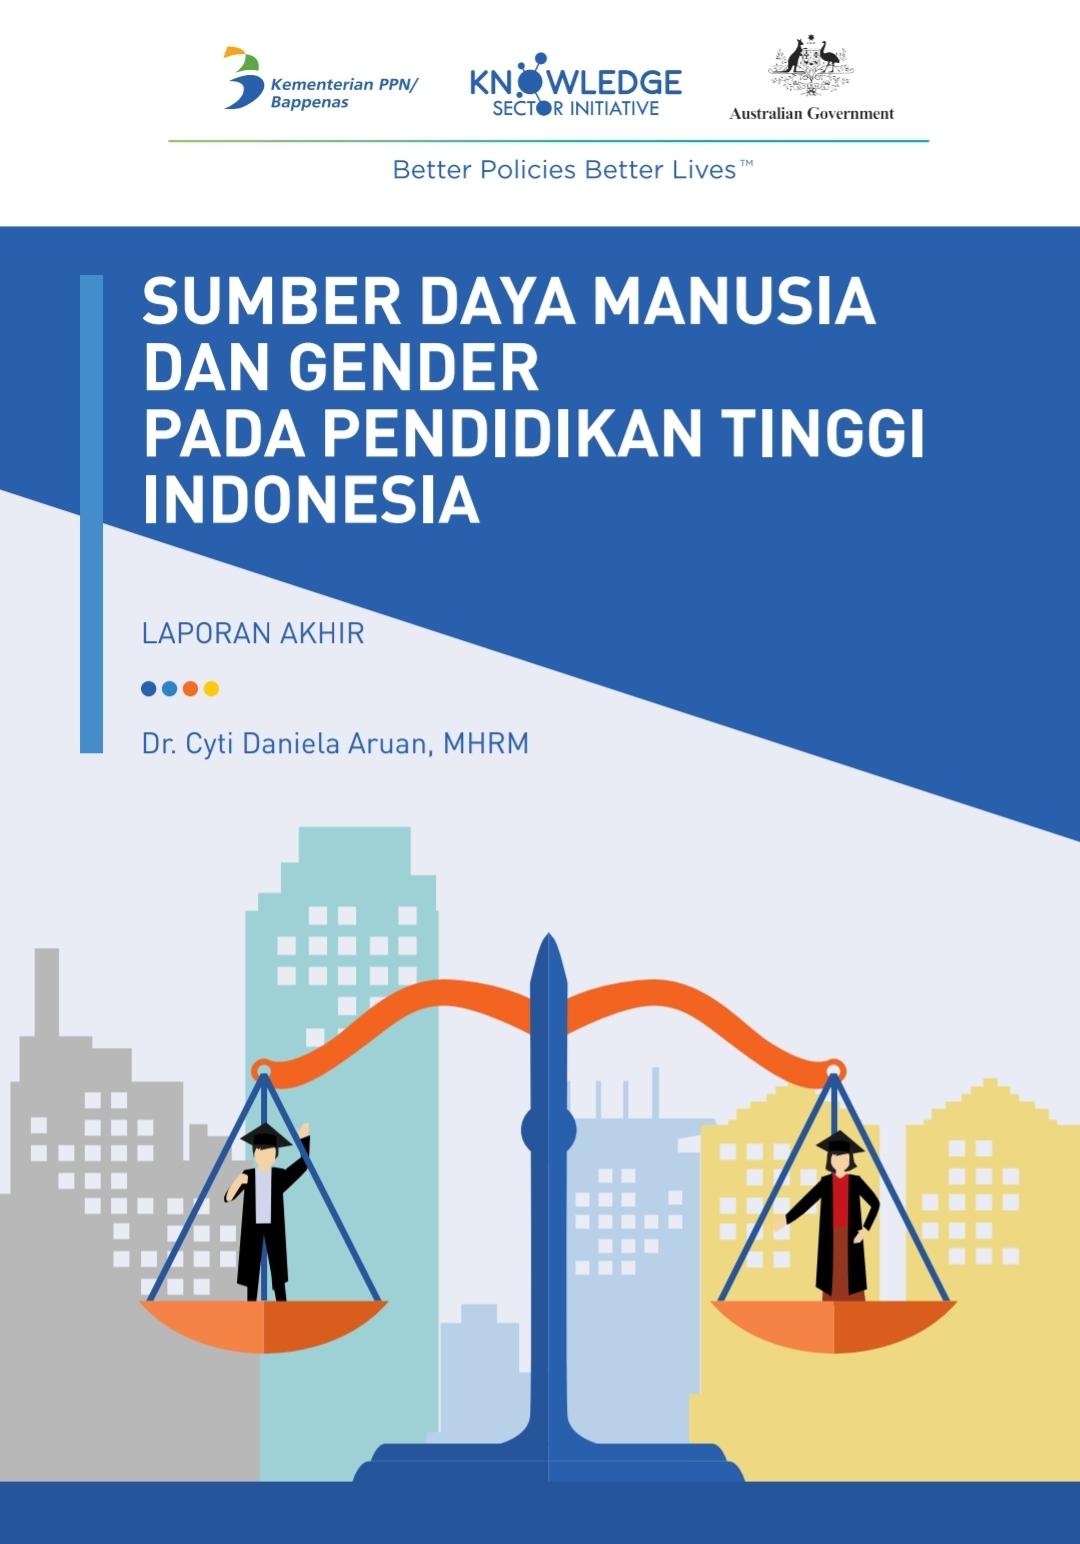 Sumber Daya Manusia dan Gender Pada Pendidikan Tinggi Indonesia